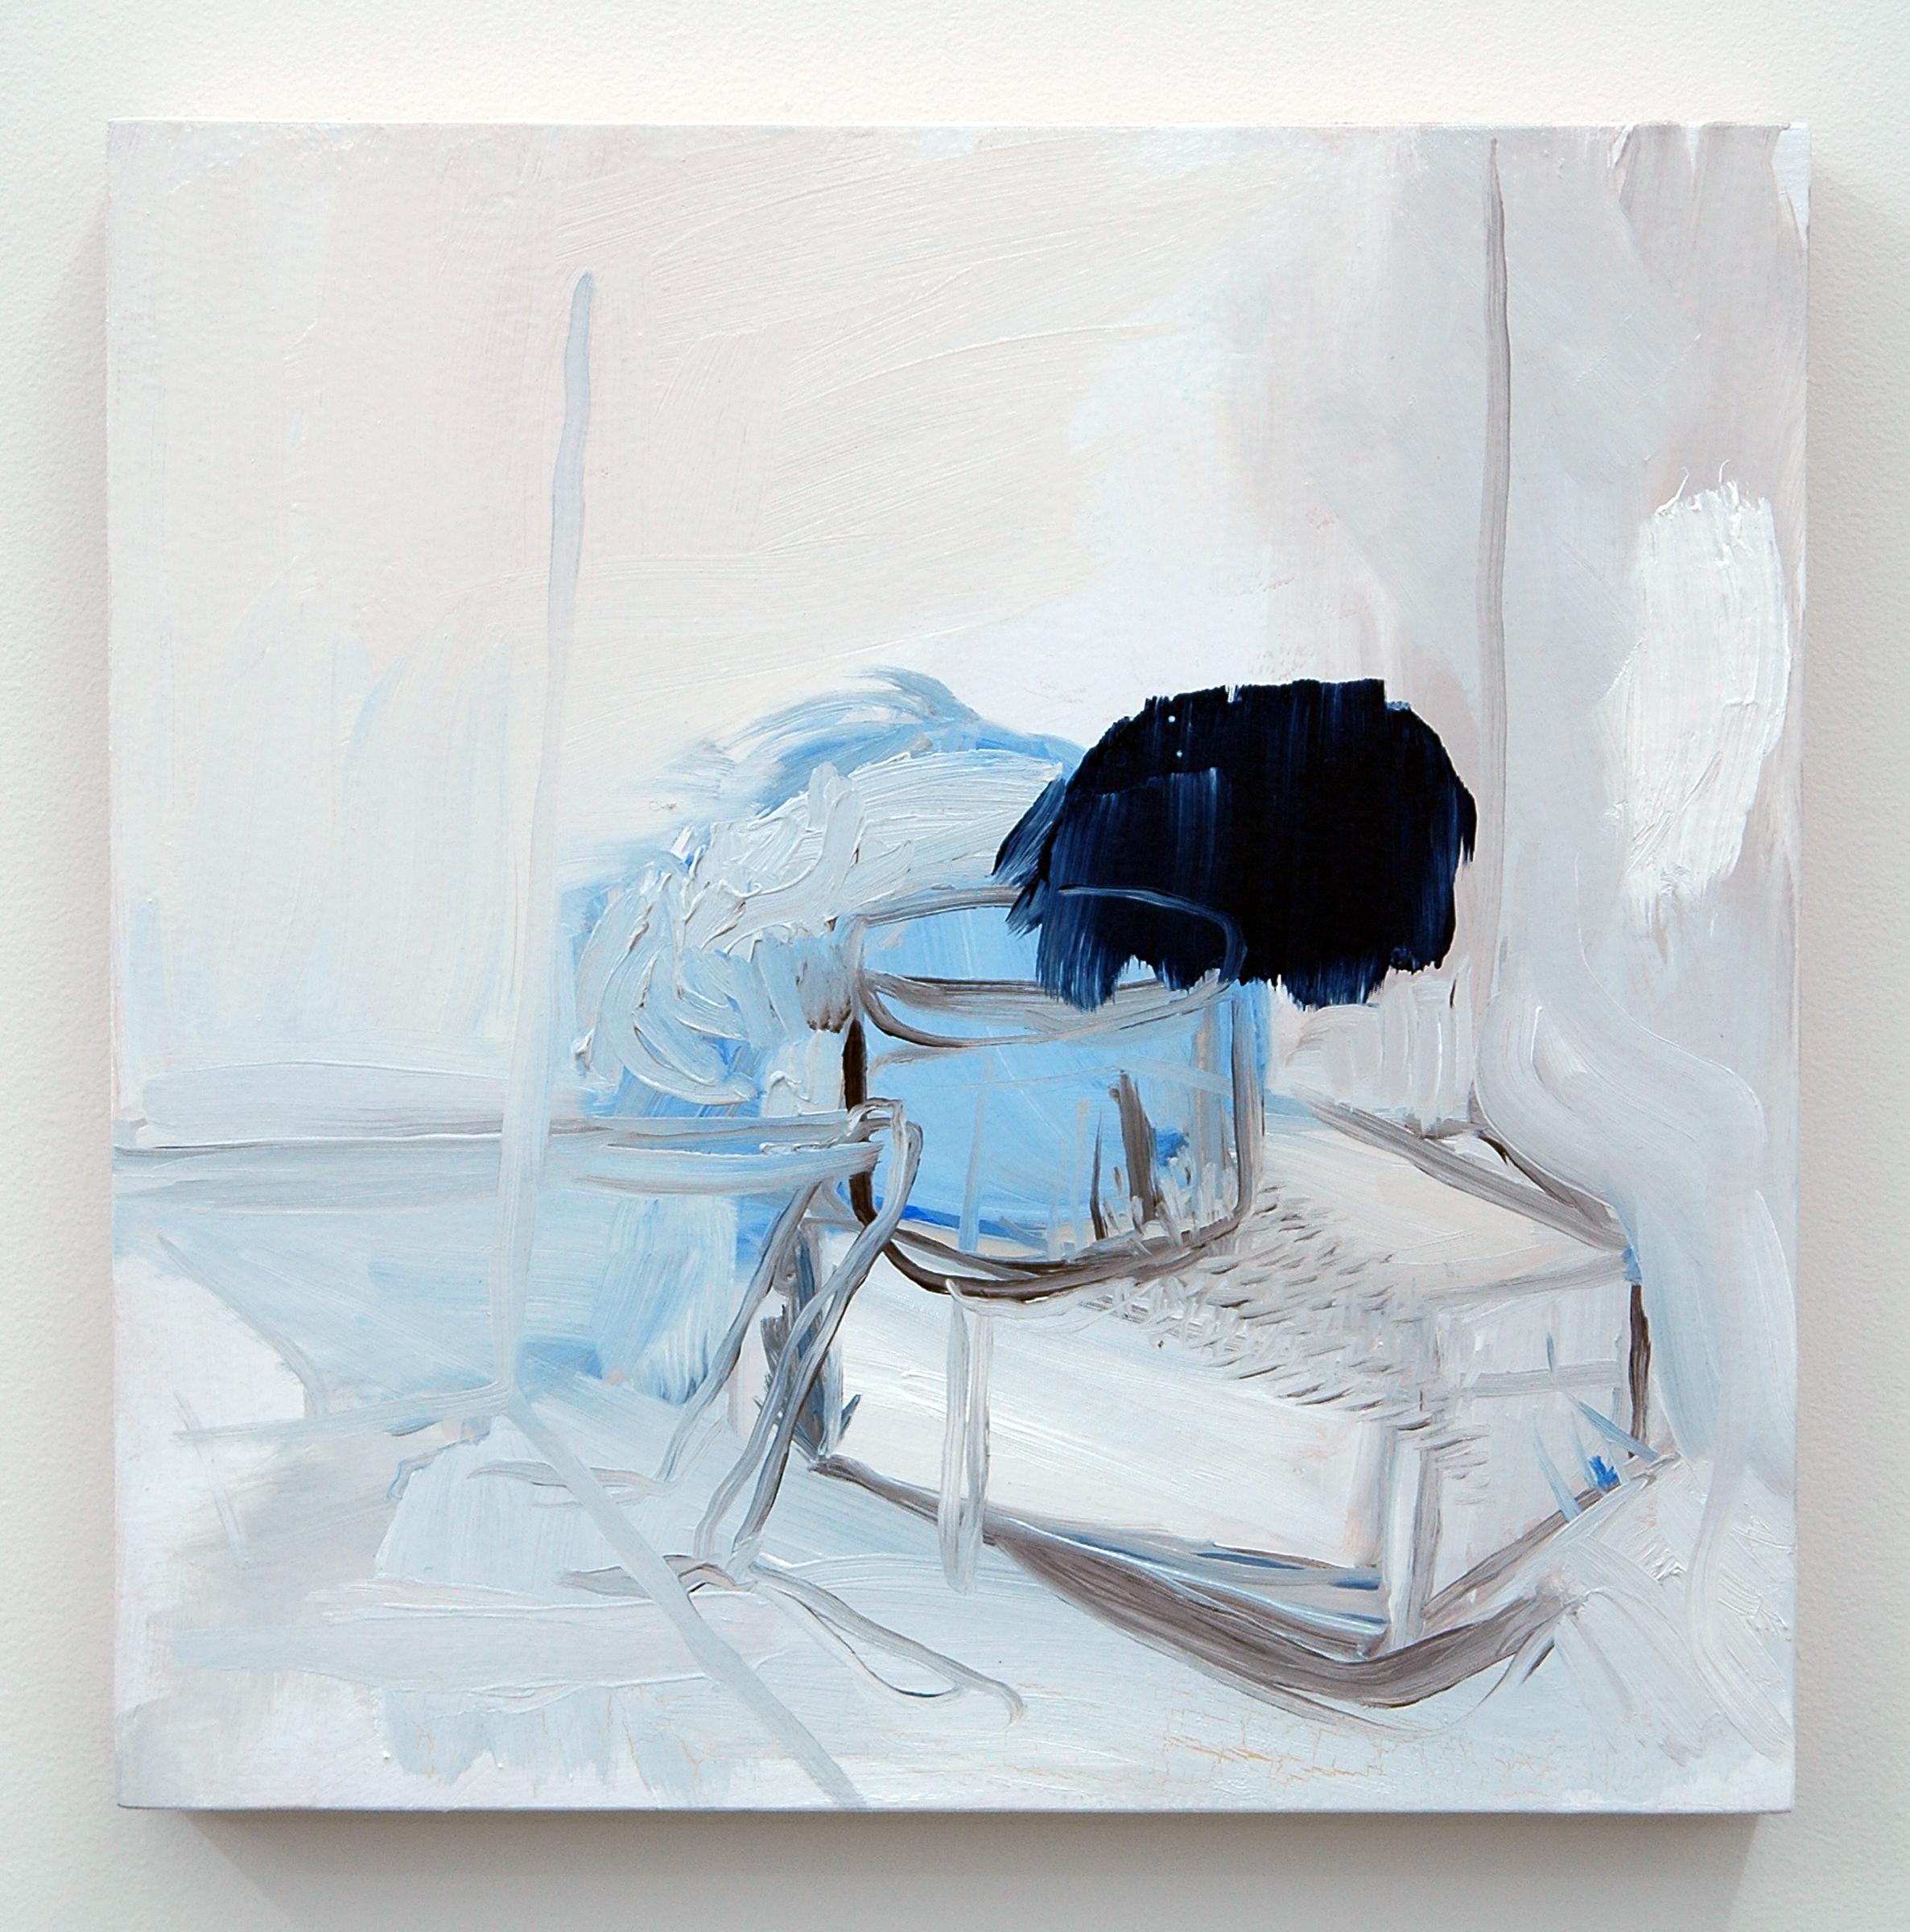 """/SLASH/  Jonn Herschend, Installation Proposal No. 1, oil on panel, 12"""" x 12"""", 2014"""